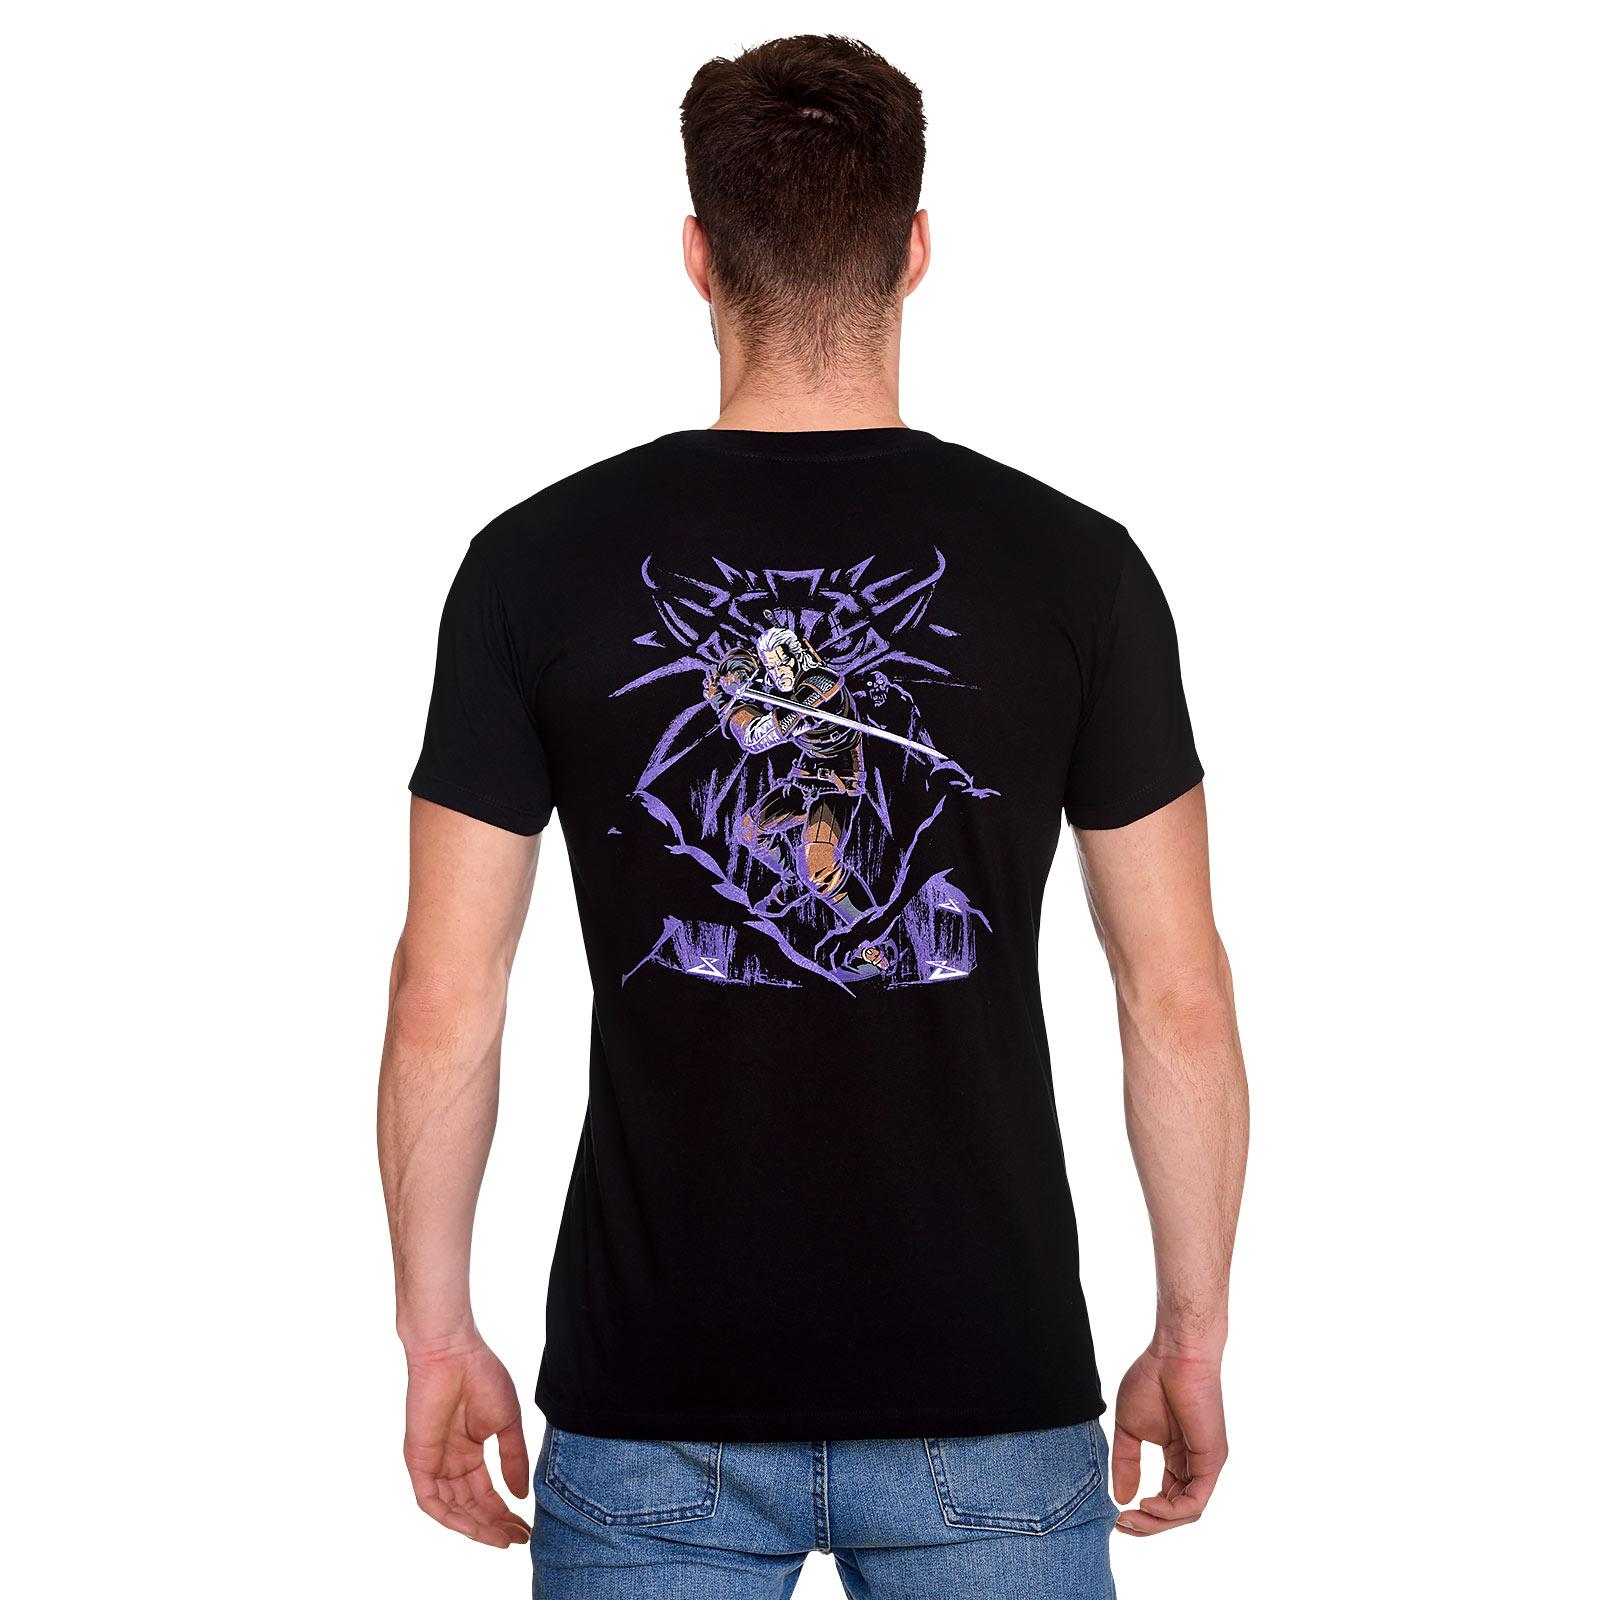 Witcher - Geralt Schlächter von Blaviken Glow in the Dark T-Shirt schwarz